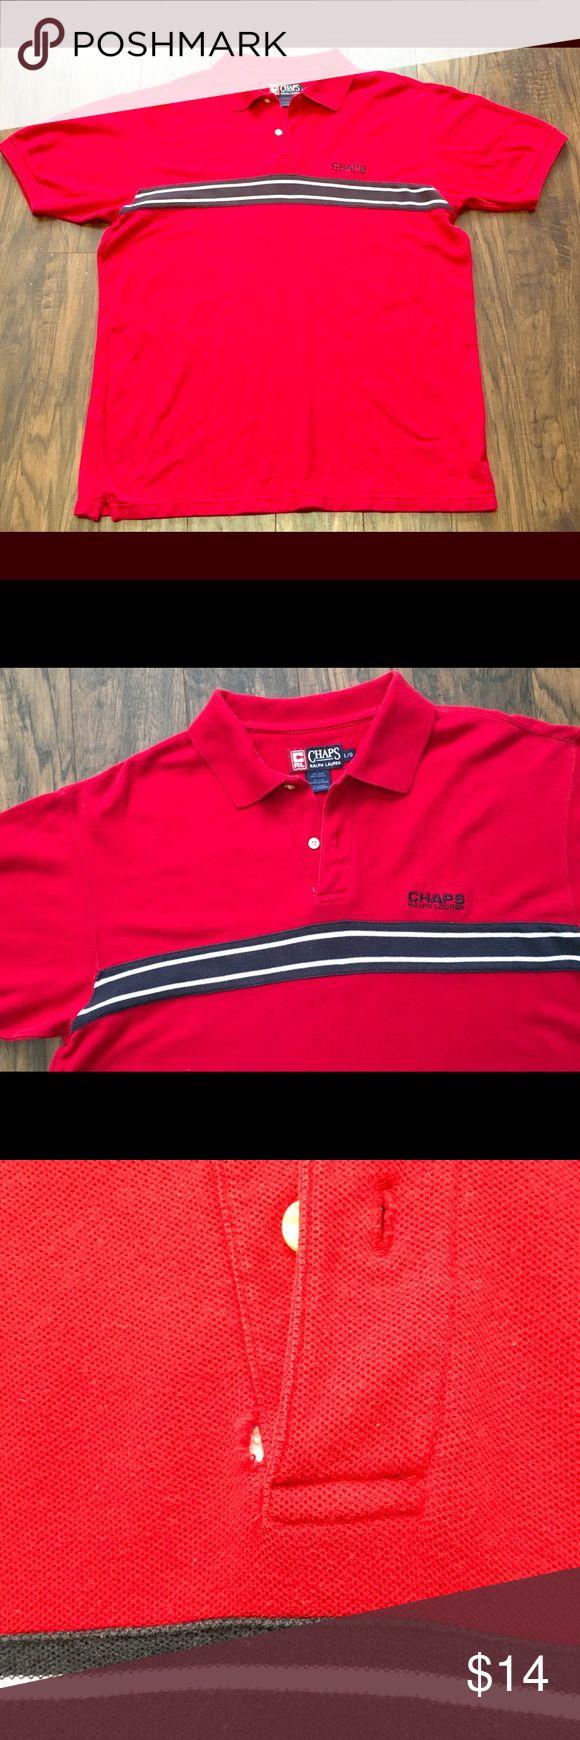 a98de2cd22e Best 25+ Chaps ralph lauren ideas on Pinterest   Chaps shirts, Navy ralph  lauren shirt and Discount checks